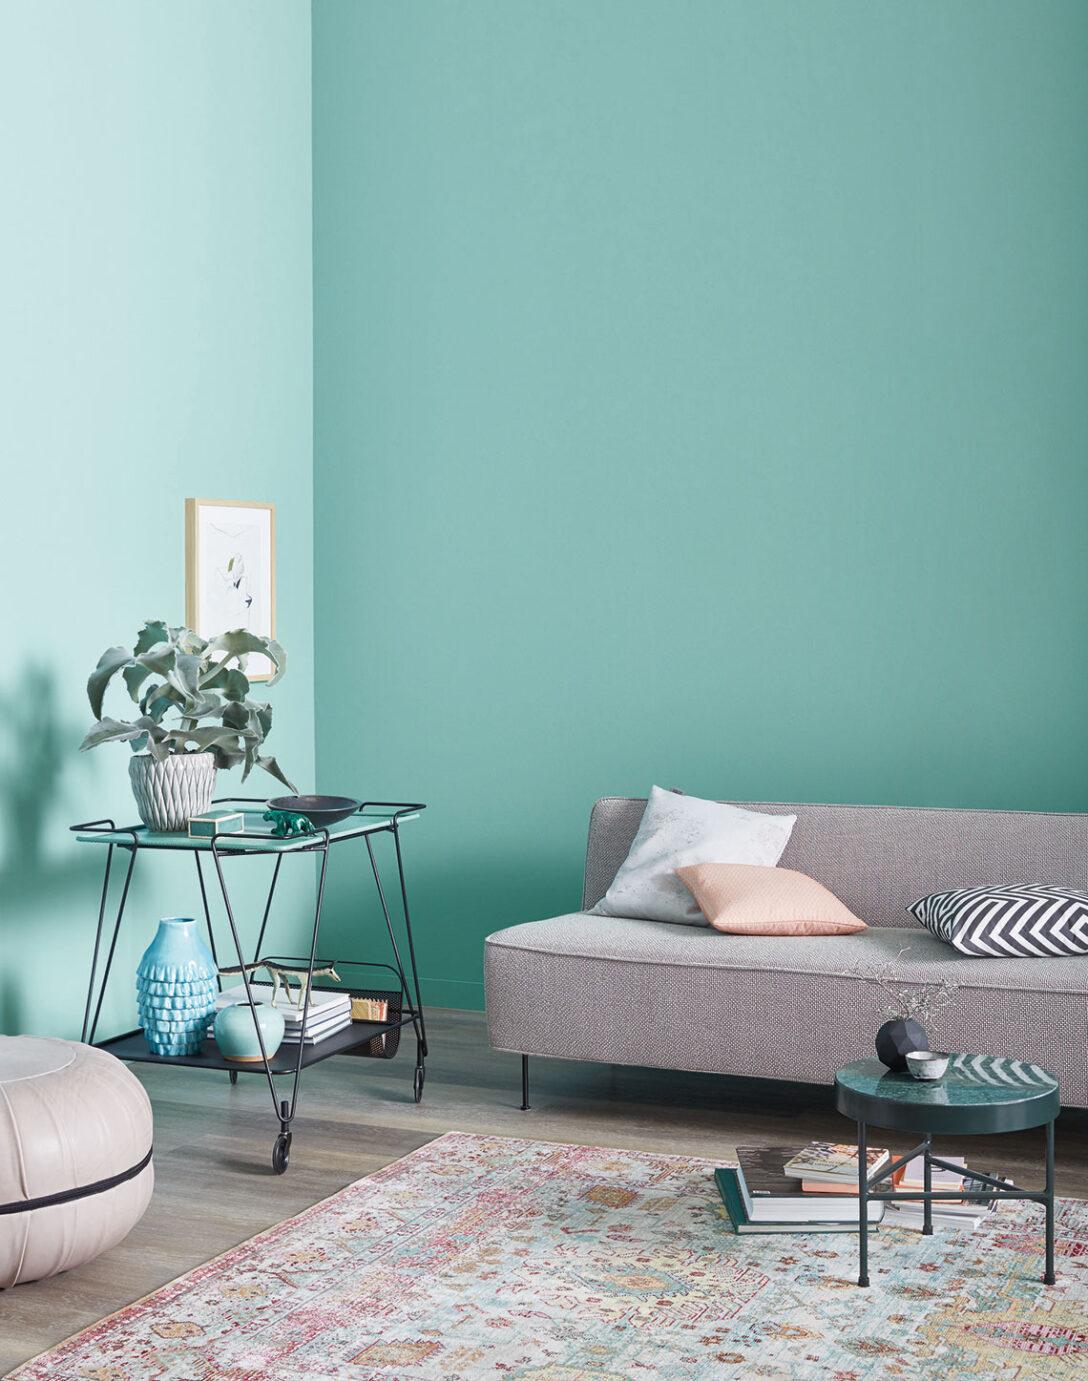 Large Size of Graues Sofa Wandfarbe Graue Couch Ikea Grauer Teppich Welche Kombinieren Dekorieren Kissen Blauer Kissenfarbe Passt Wohnzimmer Mit Bunte Farbe Welcher Gelbe Sofa Graues Sofa